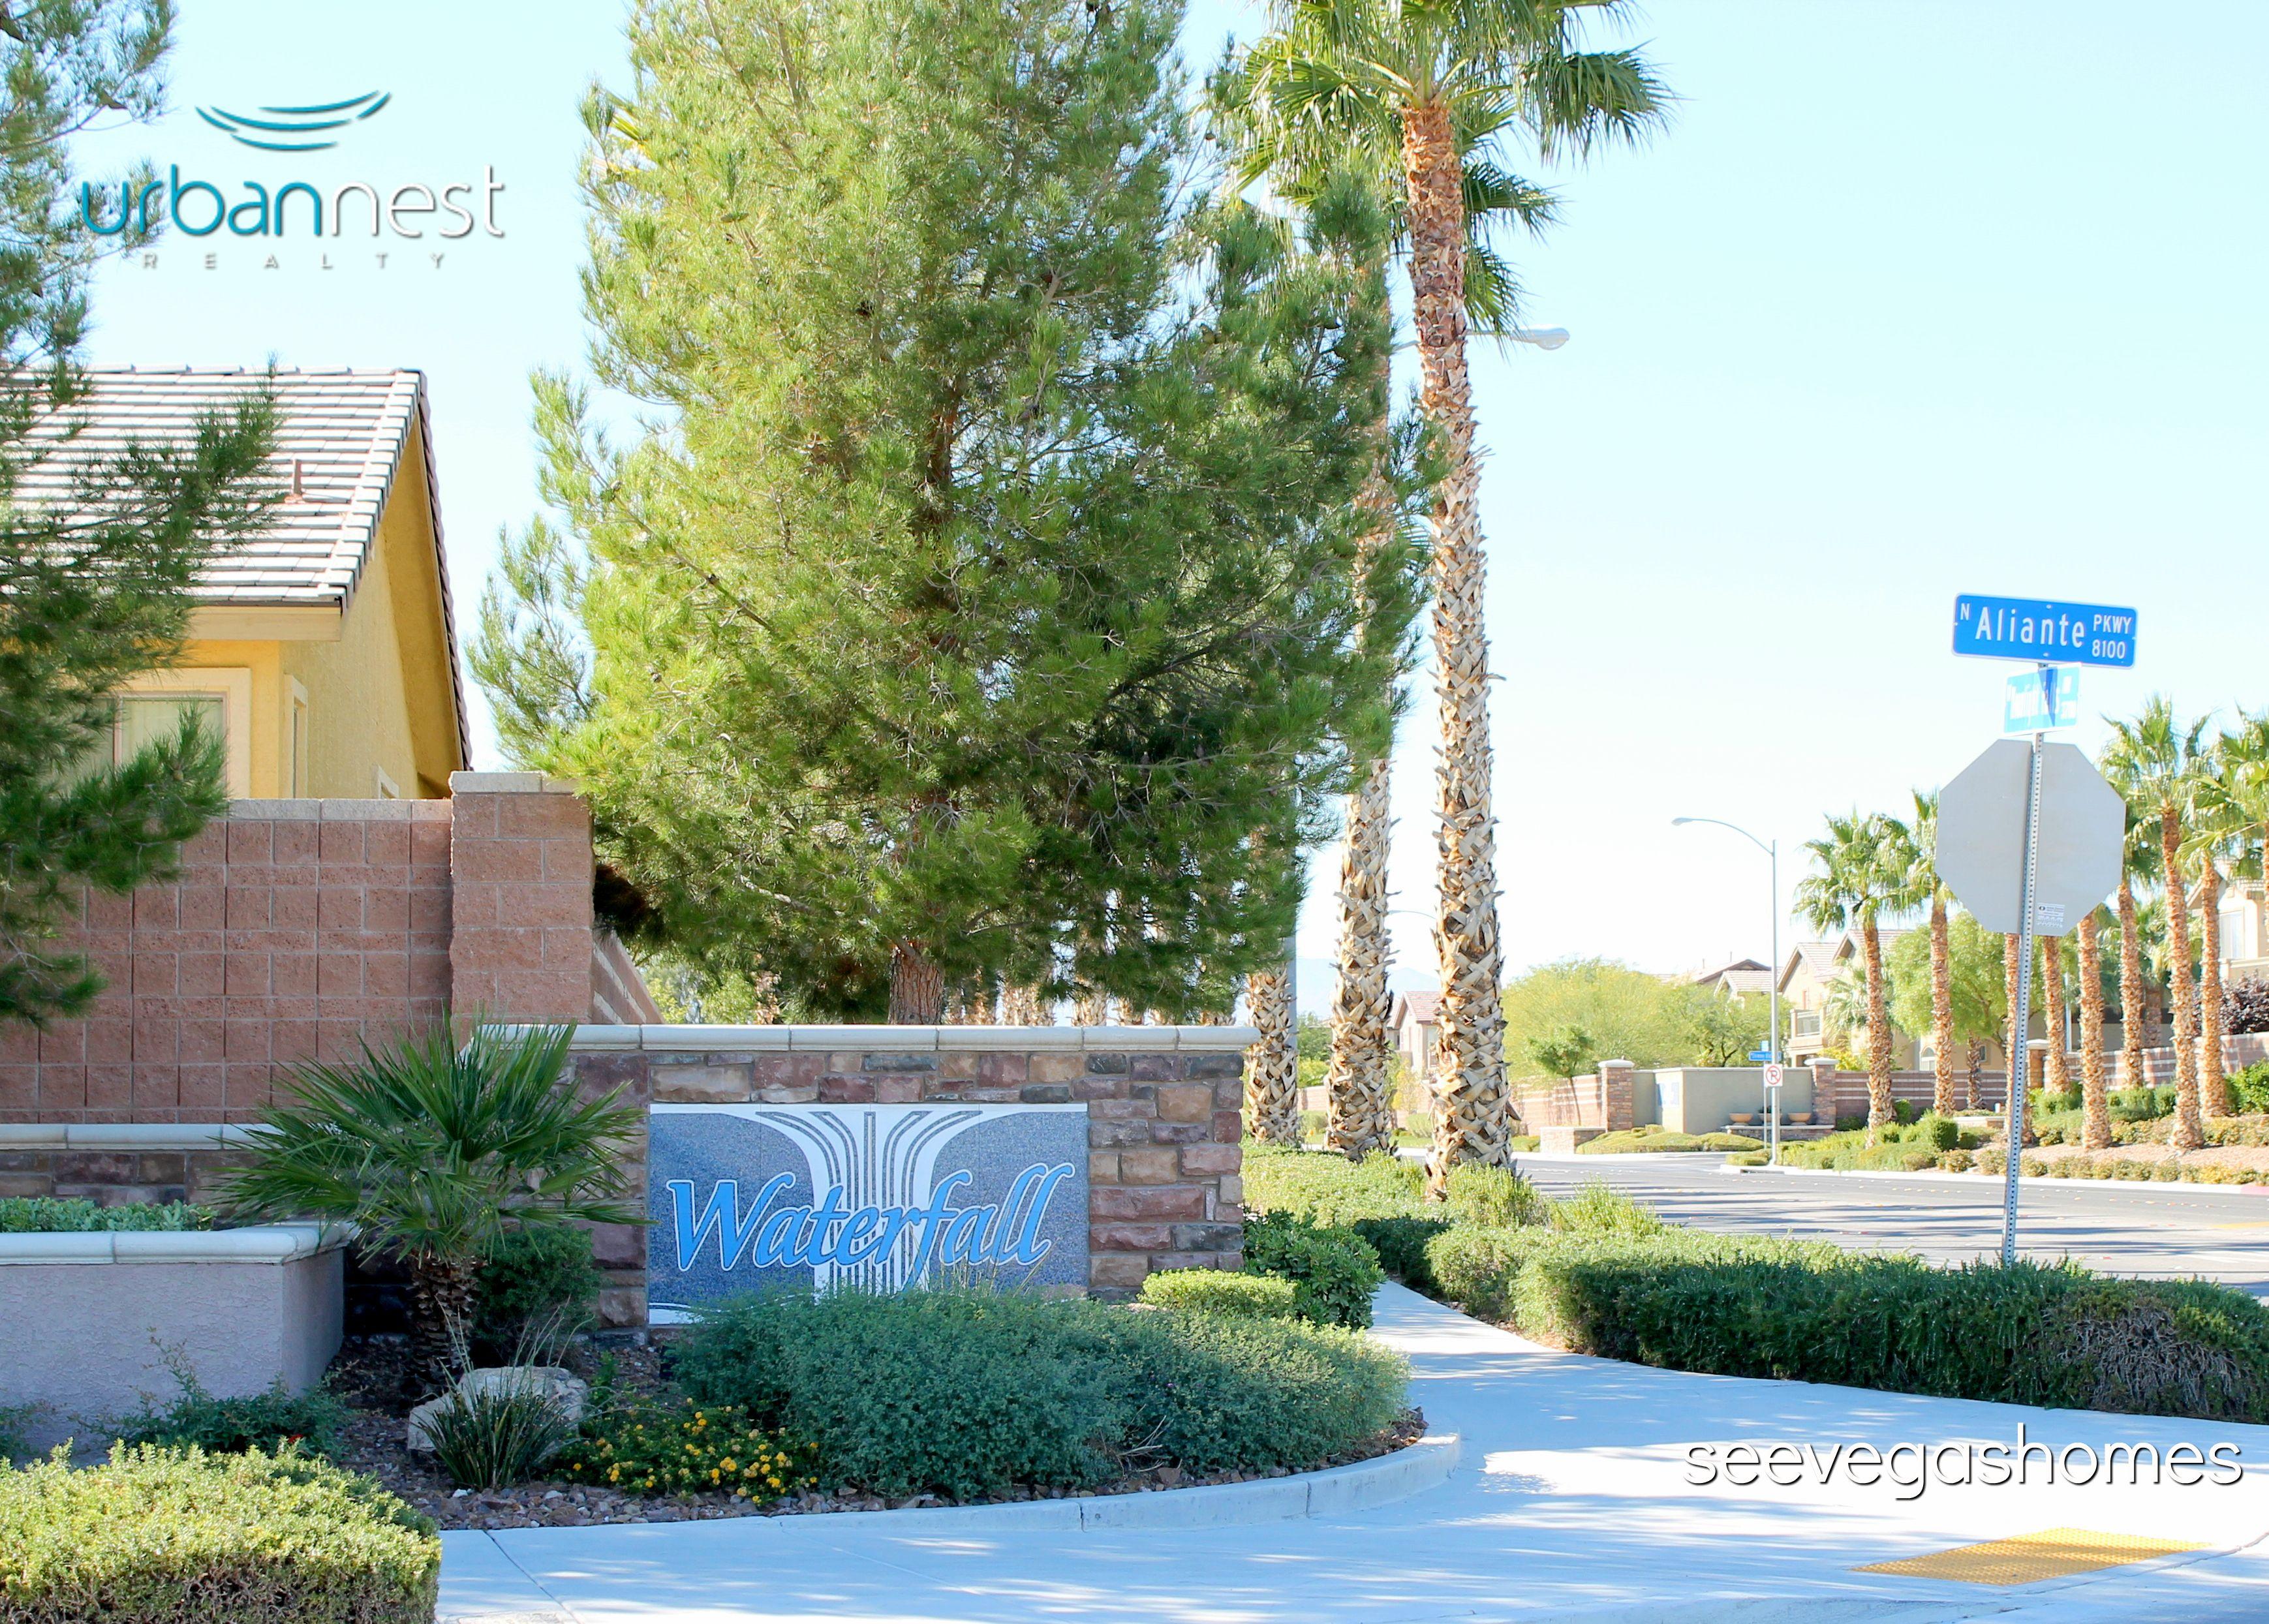 Waterfall Community North Las Vegas 89085 SeeVegasHomes